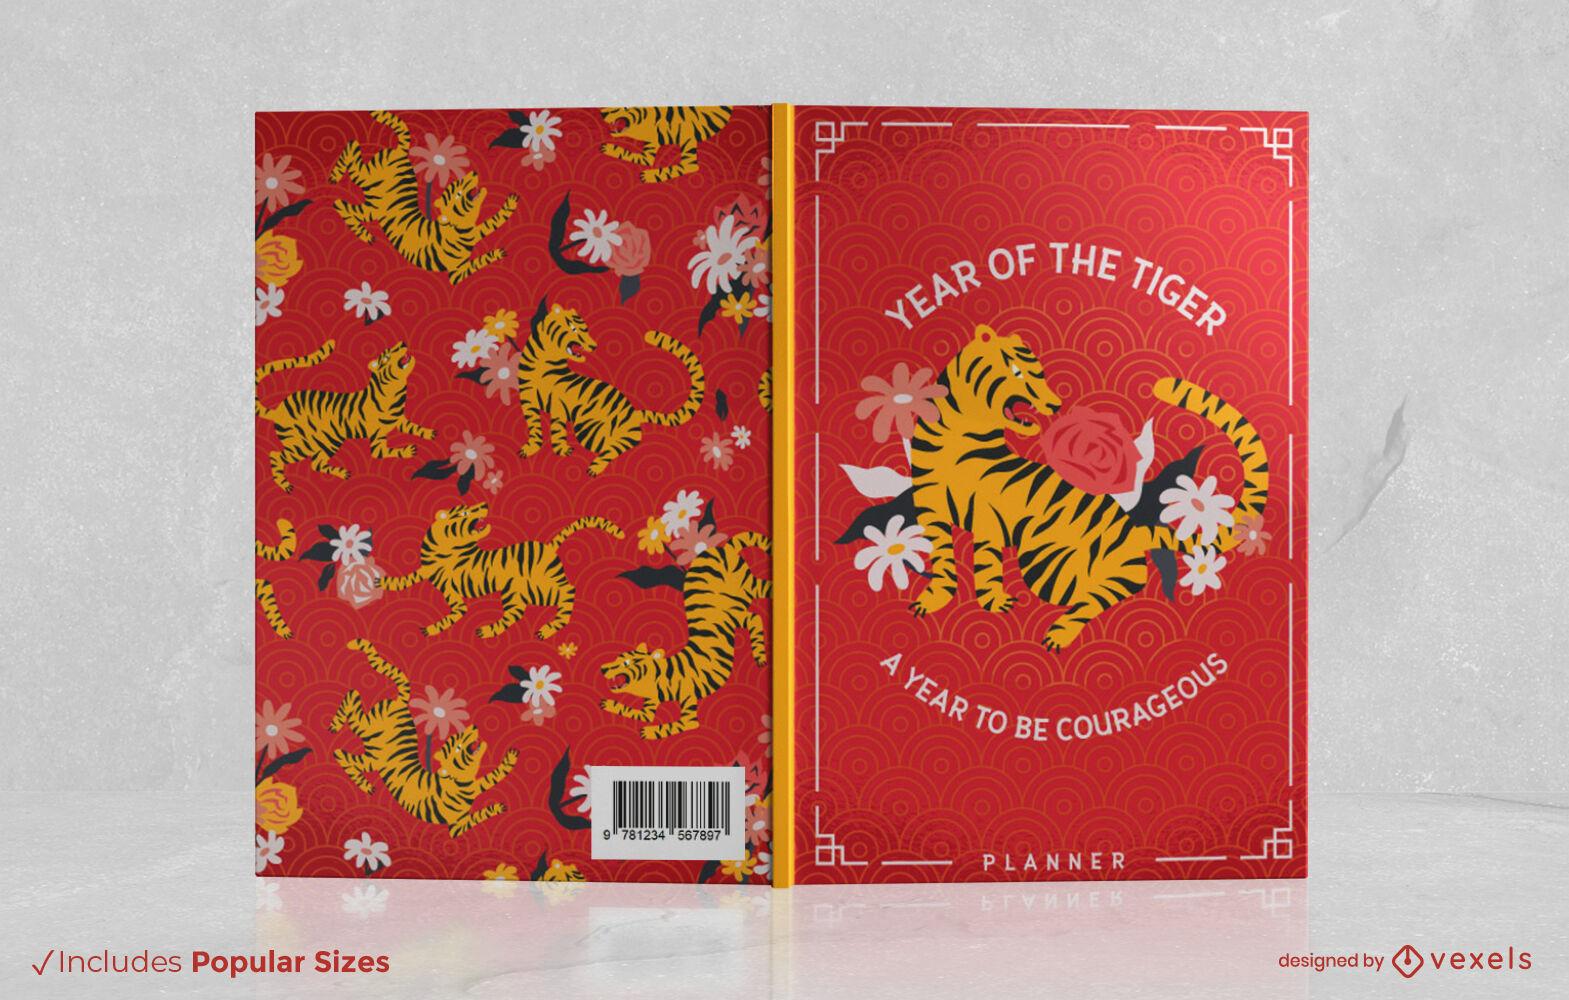 Dise?o de portada floral del a?o del tigre.